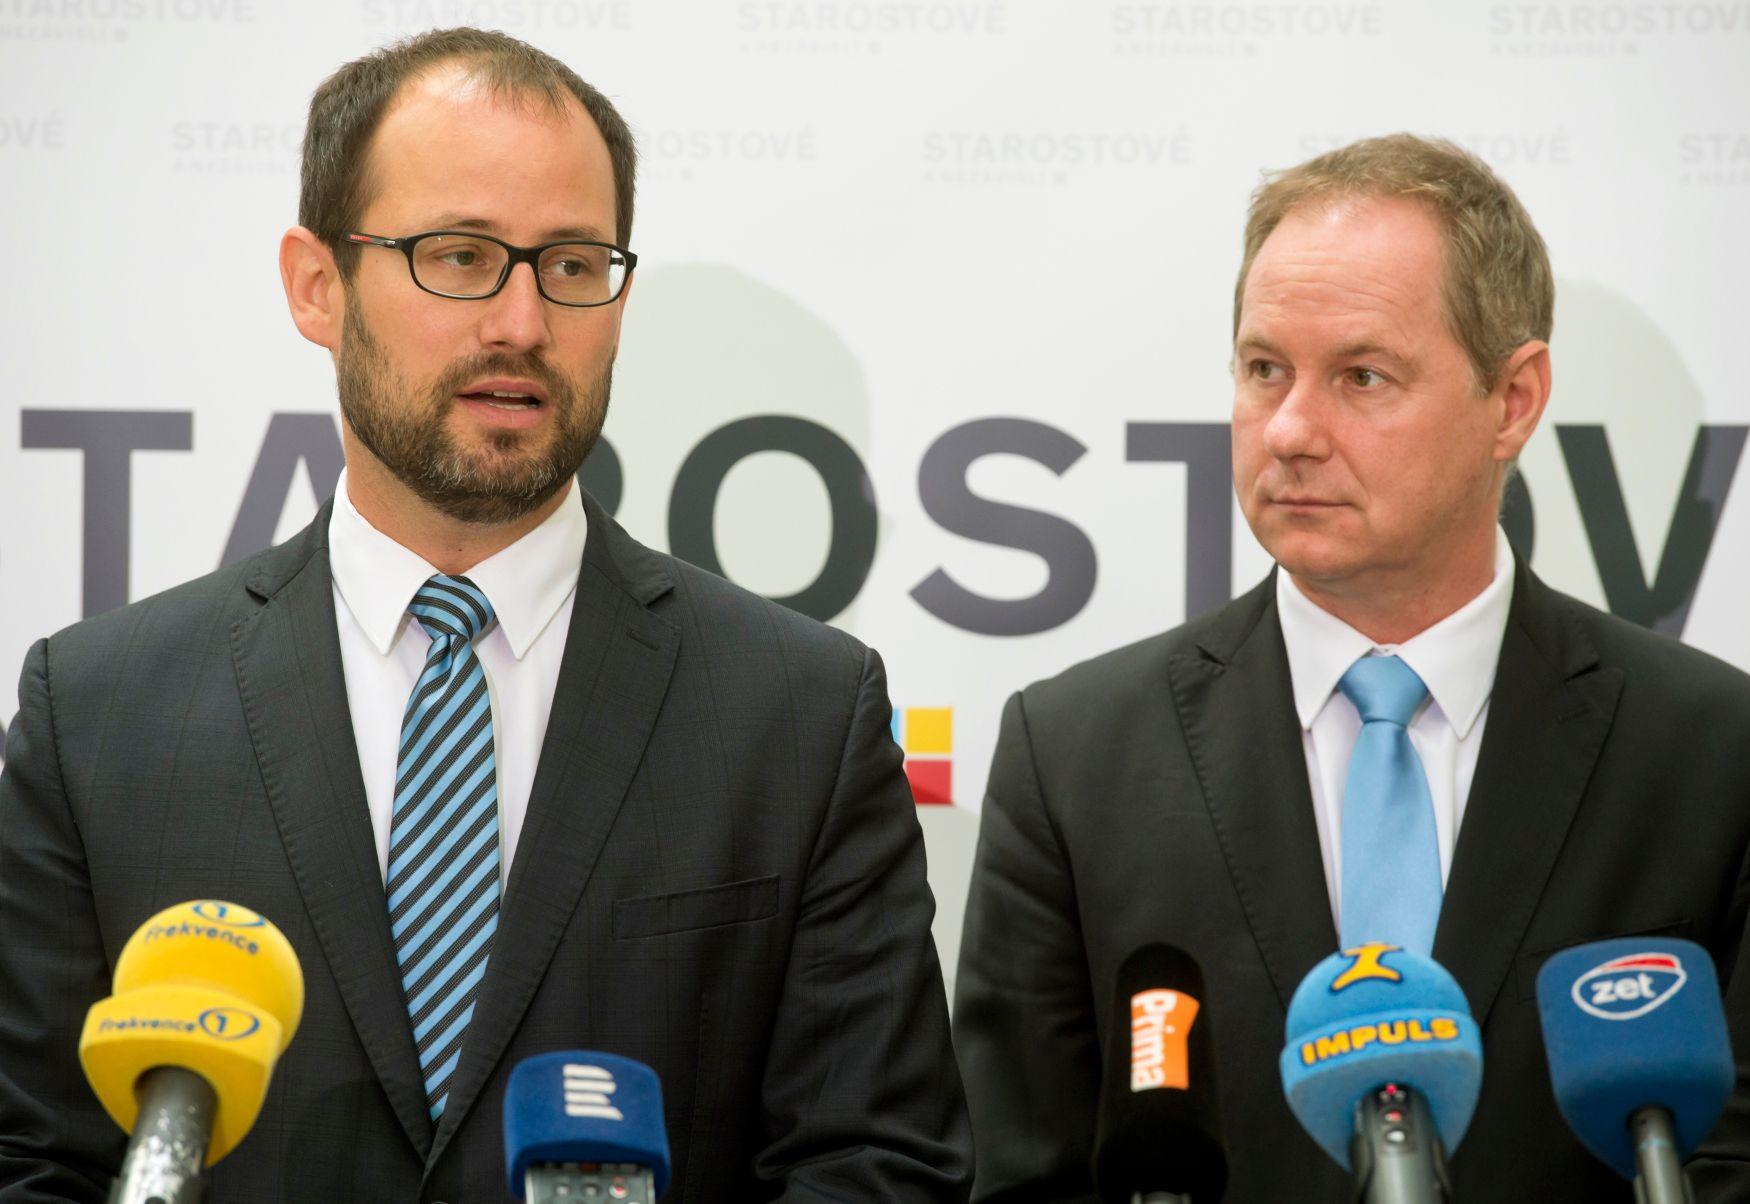 Farský: ANO paktem se Zemanem dočasně nahradilo důvěru sněmovny, je to zneužívání ústavy